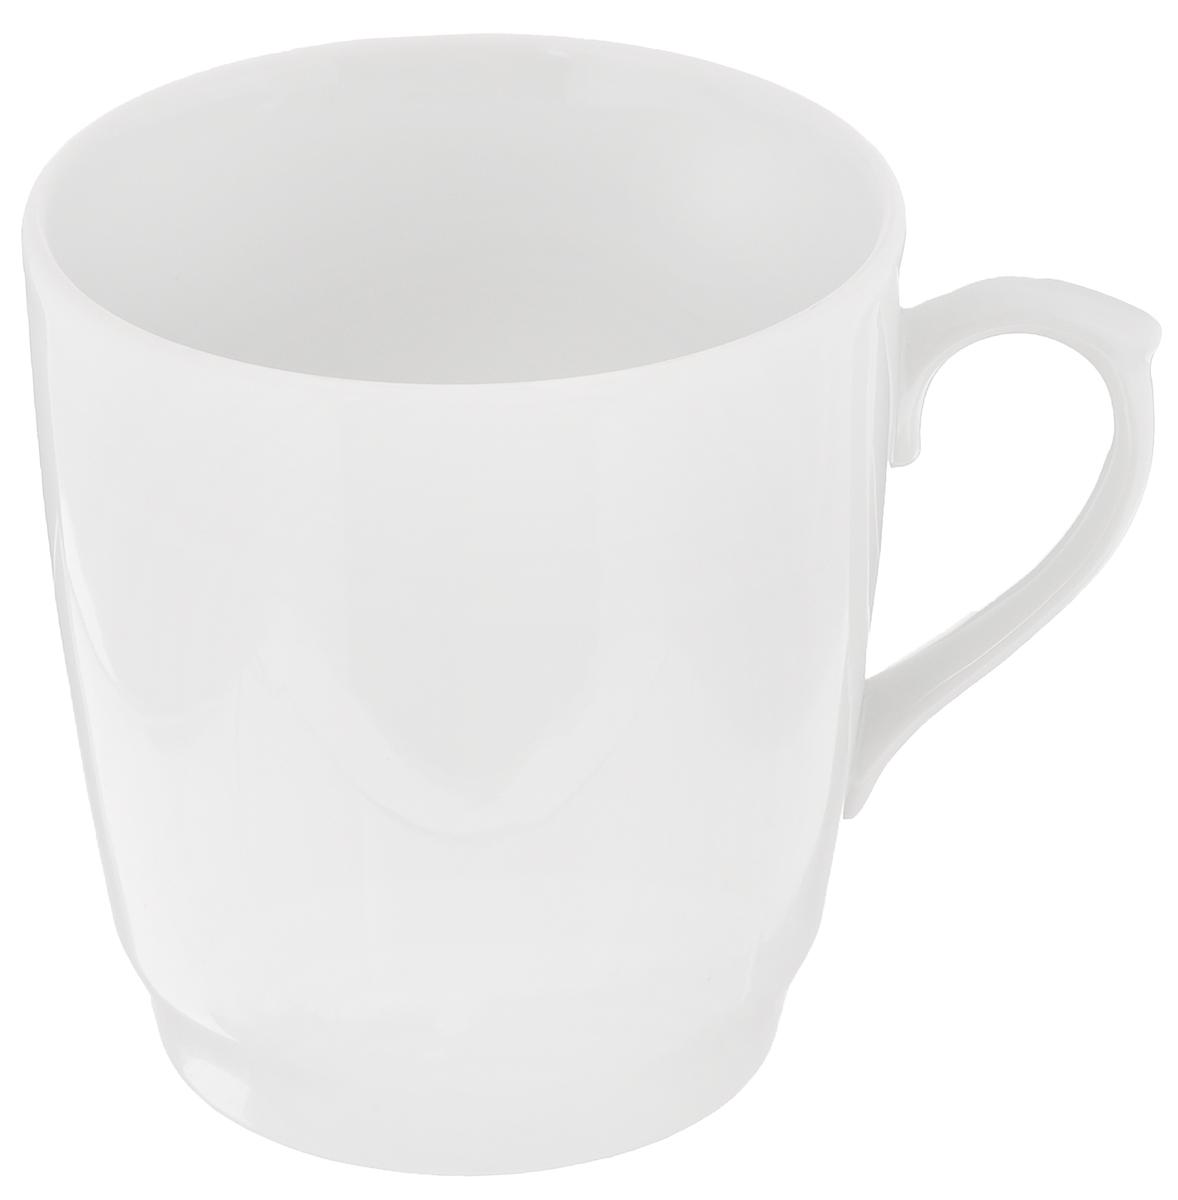 Кружка Белье, 400 мл115510Кружка Белье изготовлена из высококачественного фарфора. Такая кружка прекрасно подойдет для горячих и холодных напитков. Она дополнит коллекцию вашей кухонной посуды и будет служить долгие годы.Диаметр кружки (по верхнему краю): 8,5 см.Диаметр основания: 6,2 см.Высота кружки: 9,2 см.